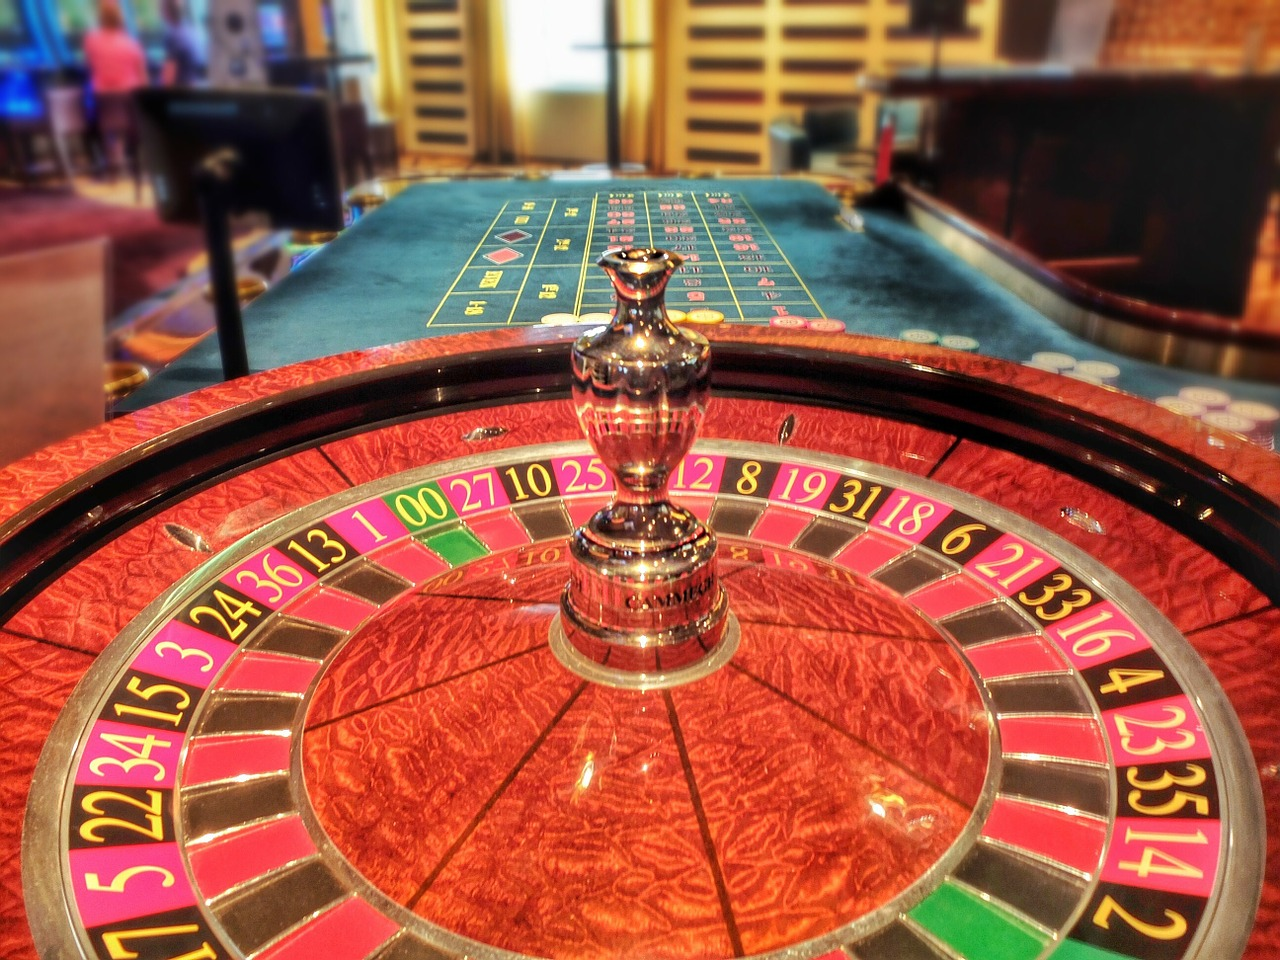 Casino Game - Roulette